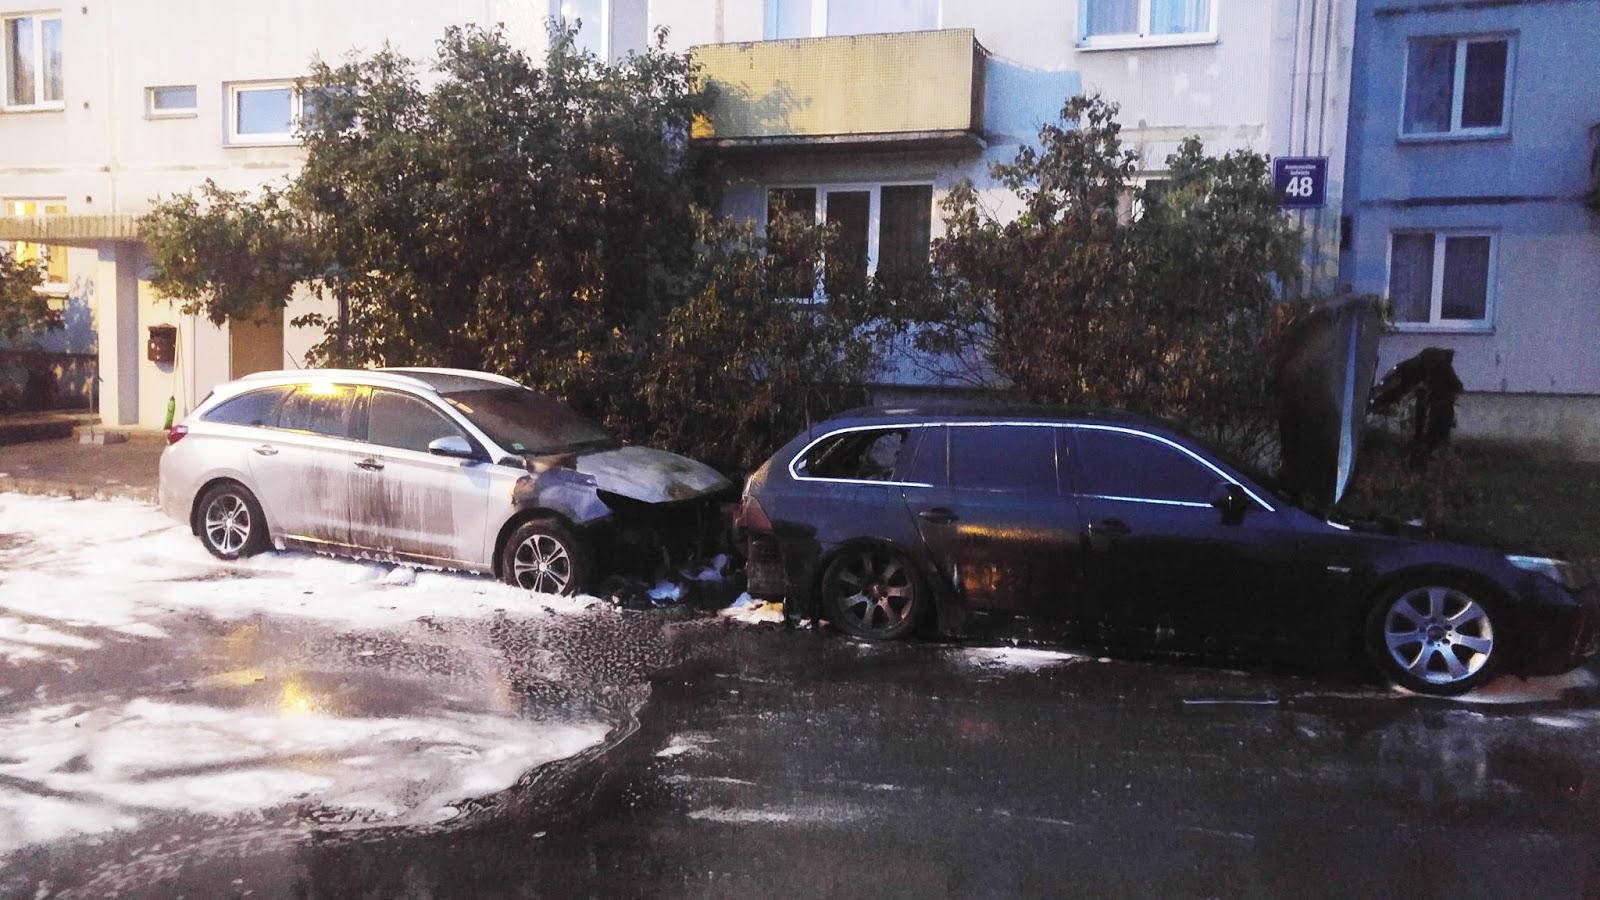 Imantā naktī nodegušas divas automašīnas